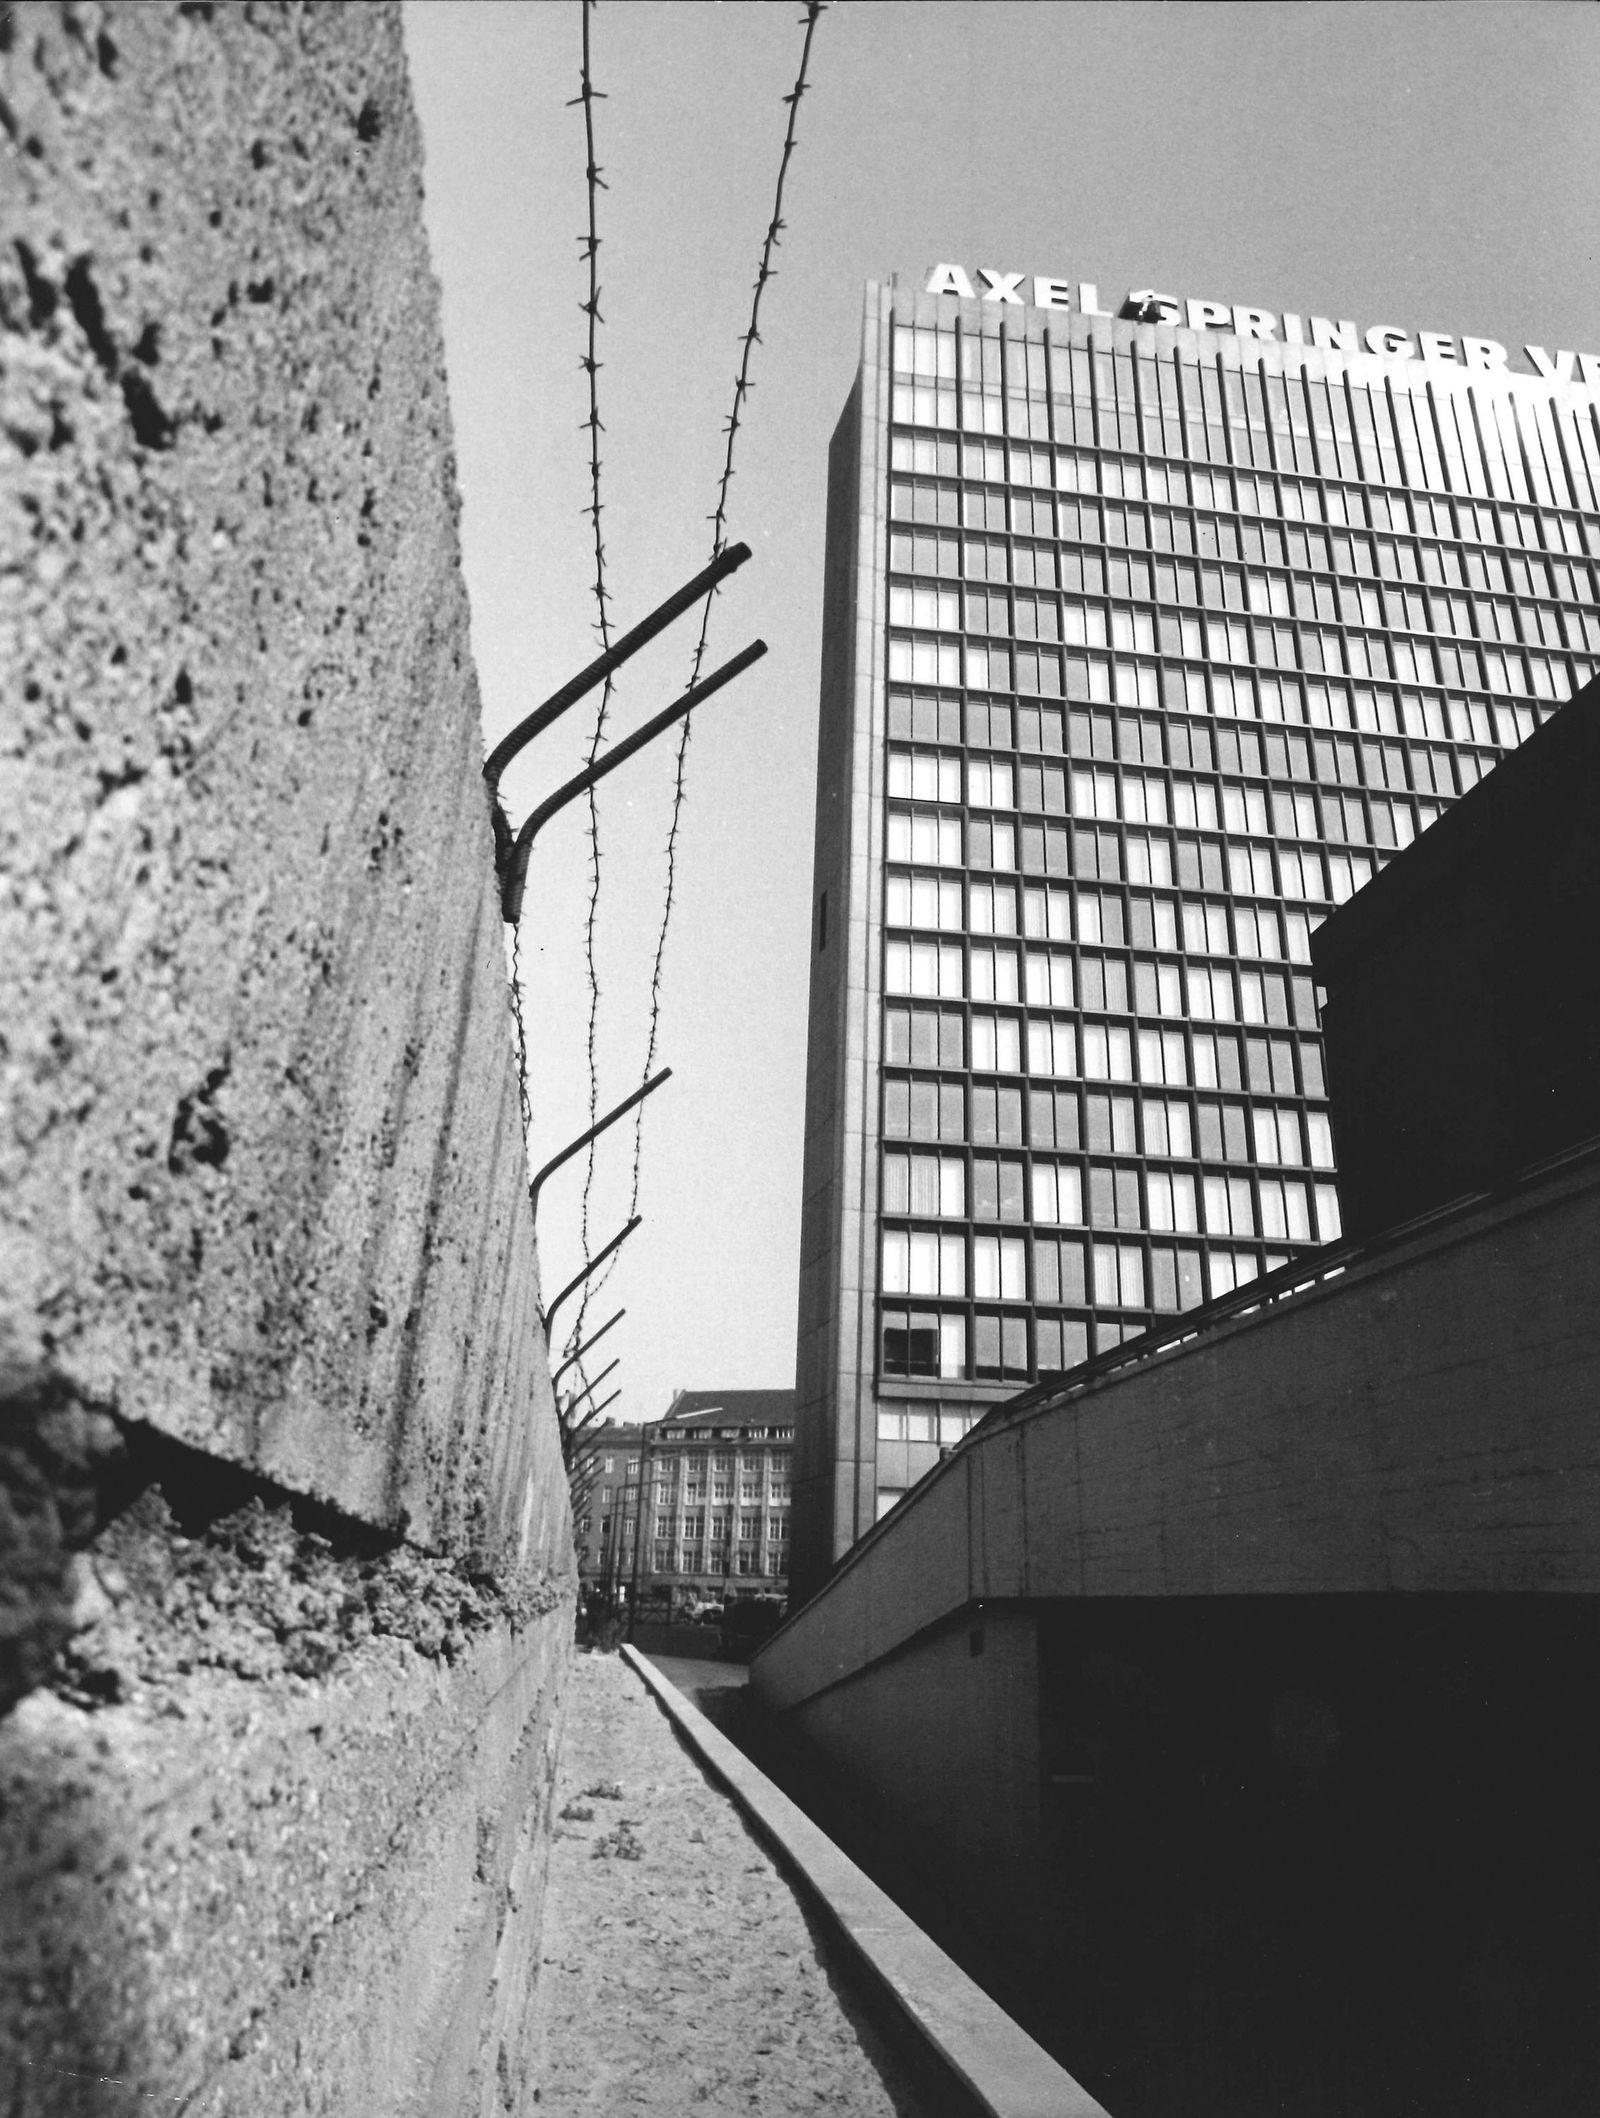 EINMALIGE VERWENDUNG SPIEGEL PLUS DER SPIEGEL 16/2018 Seite 117 Axel-Springer-Haus in Berlin 1966